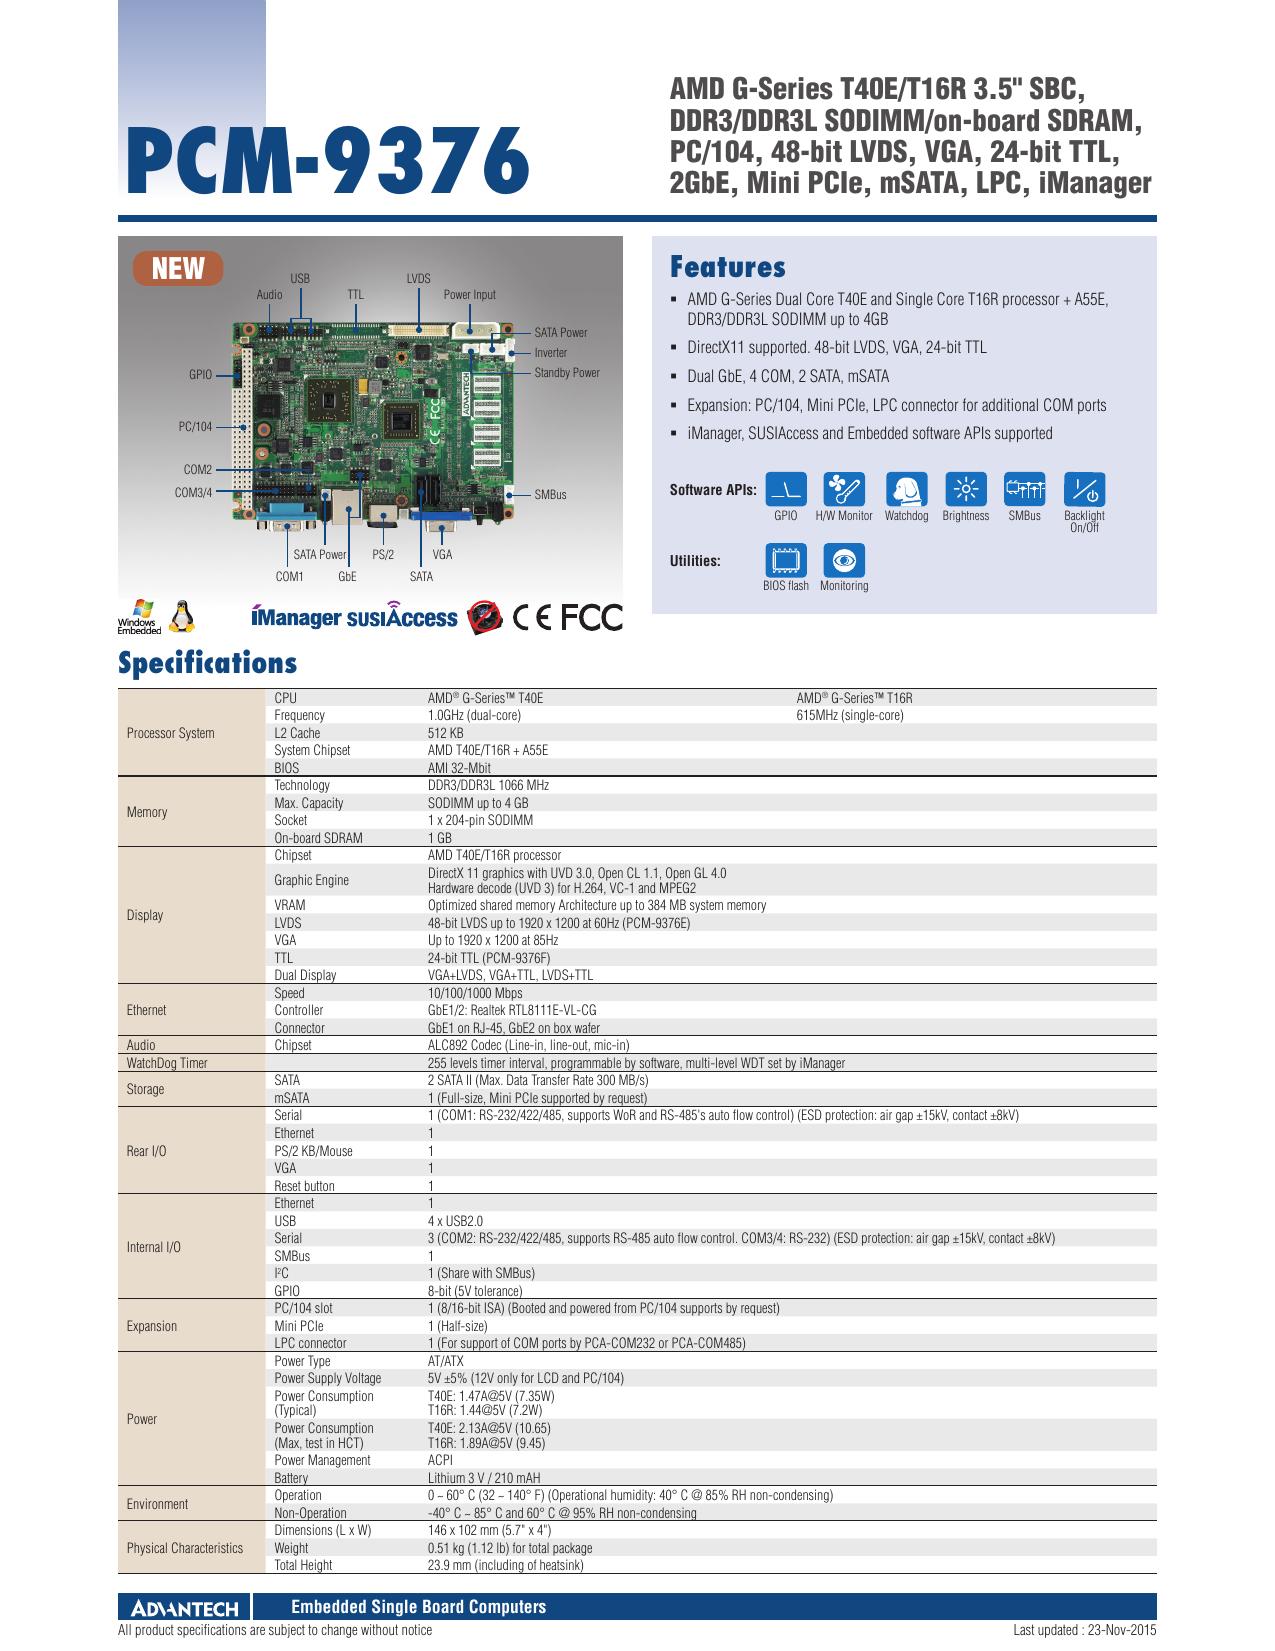 ADVANTECH PCM-3356 REALTEK HD AUDIO DRIVER FOR WINDOWS 10